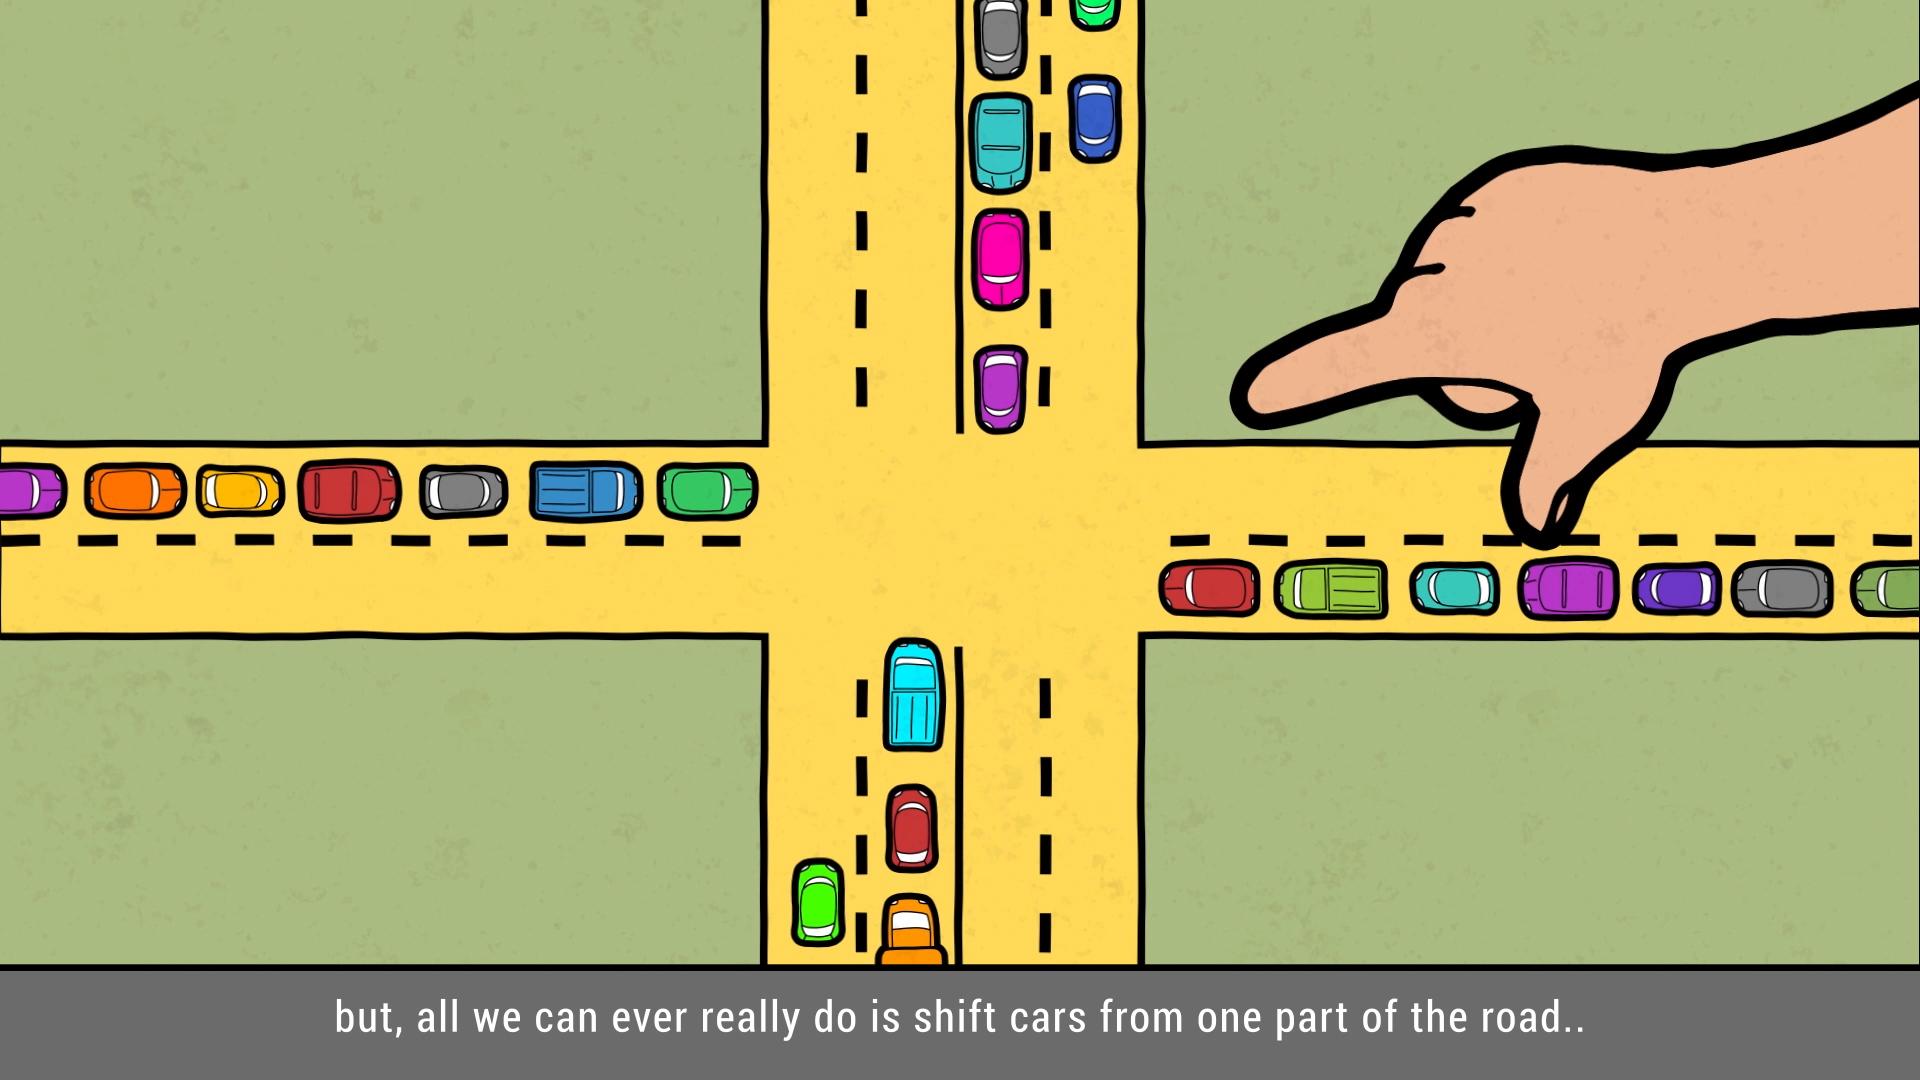 TCC Traffic AV 2 - still image 2.jpg